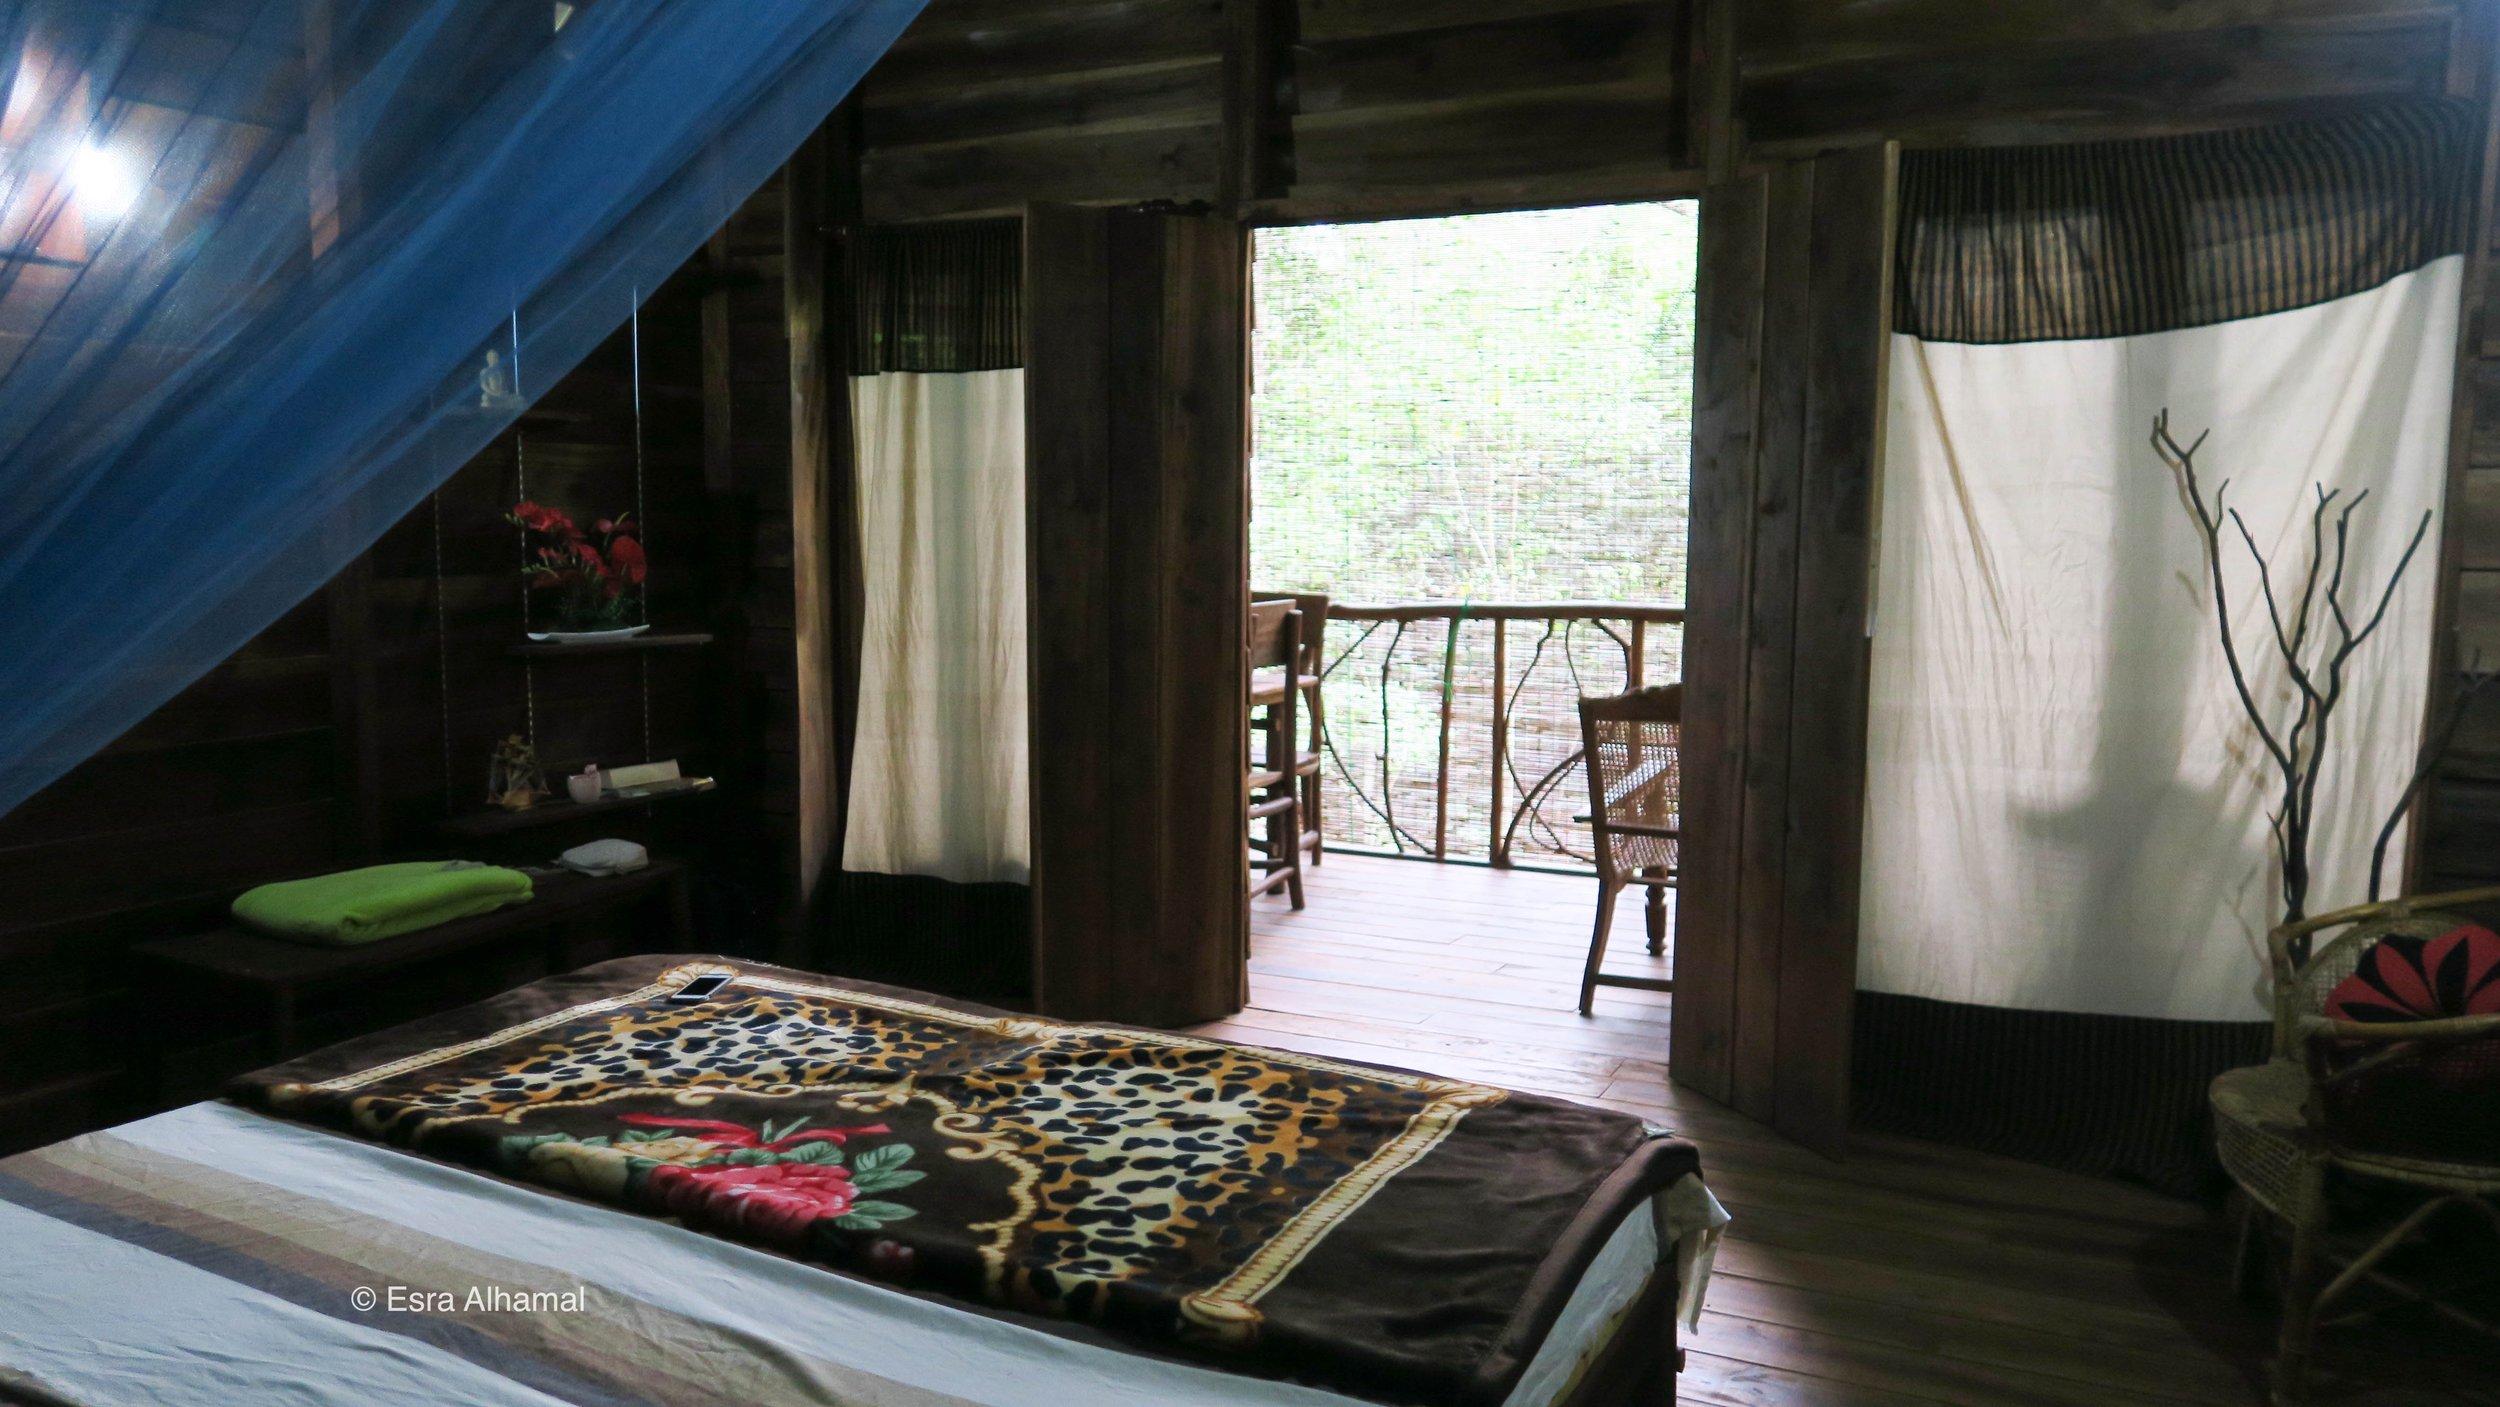 إيلا إكو لودج وهو بيت بين الأشجار في سريلانكا